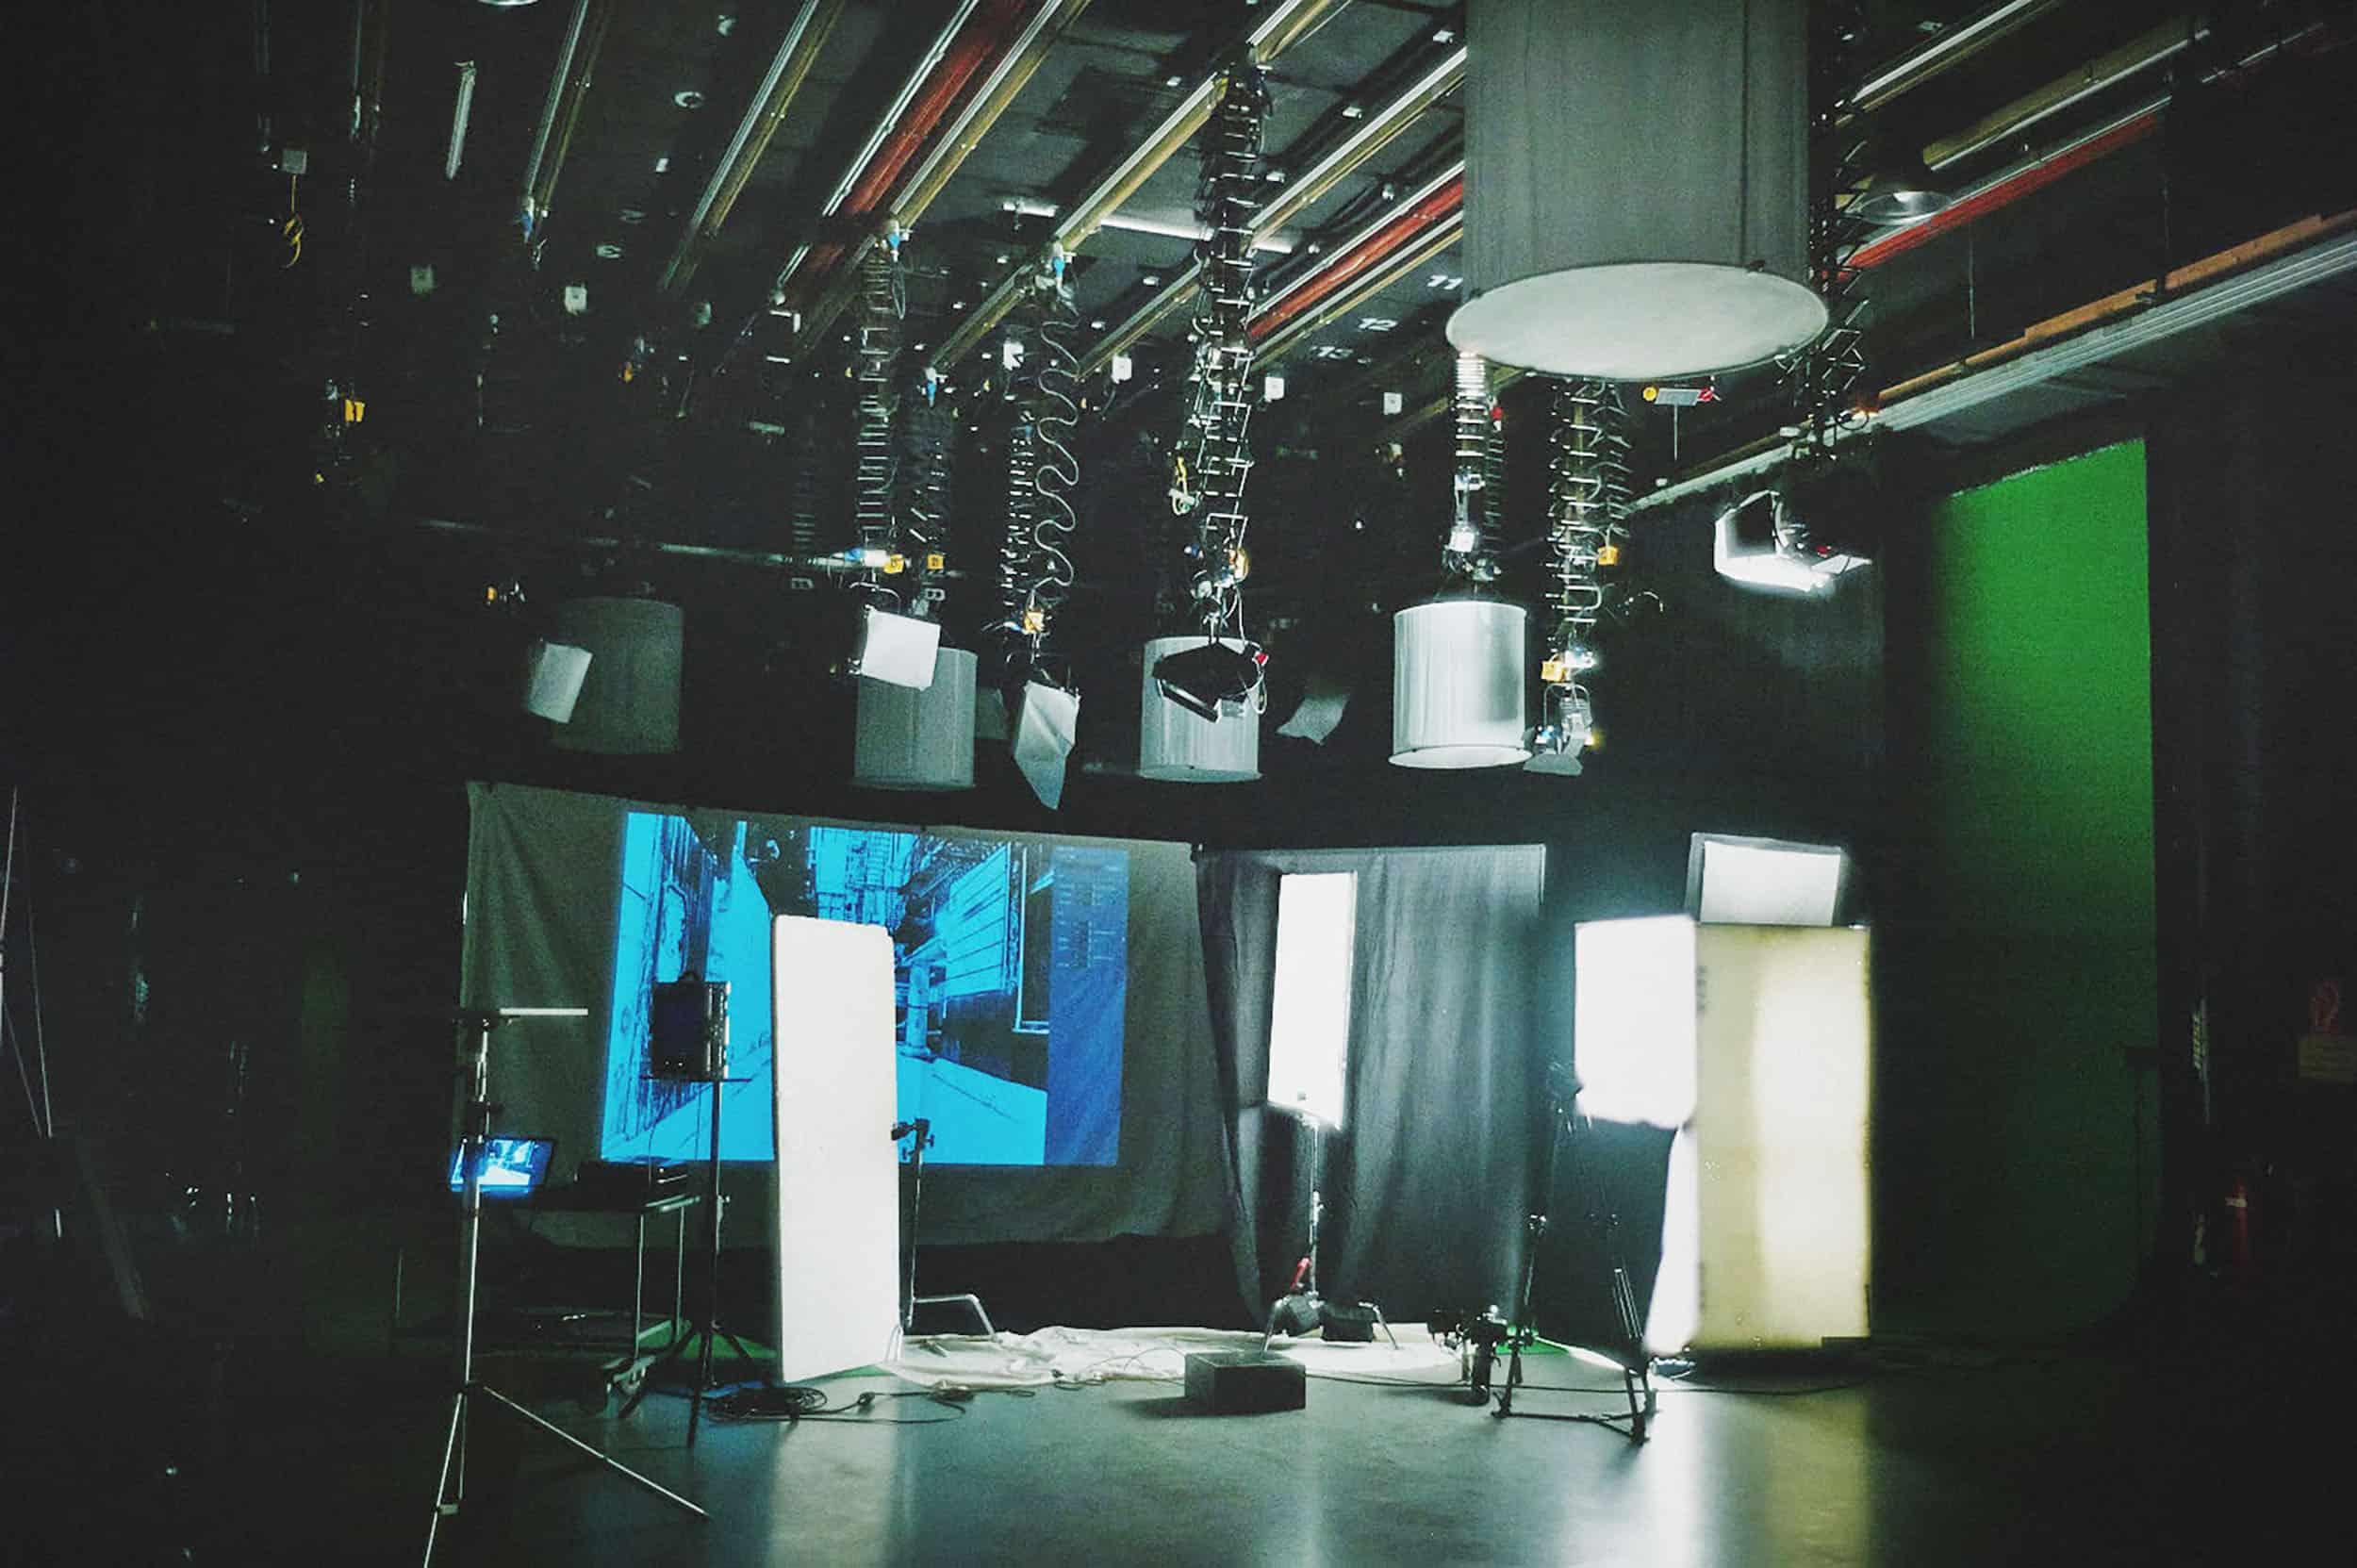 studio-ignatov-chopard-imagefilm-mille-miglia-15